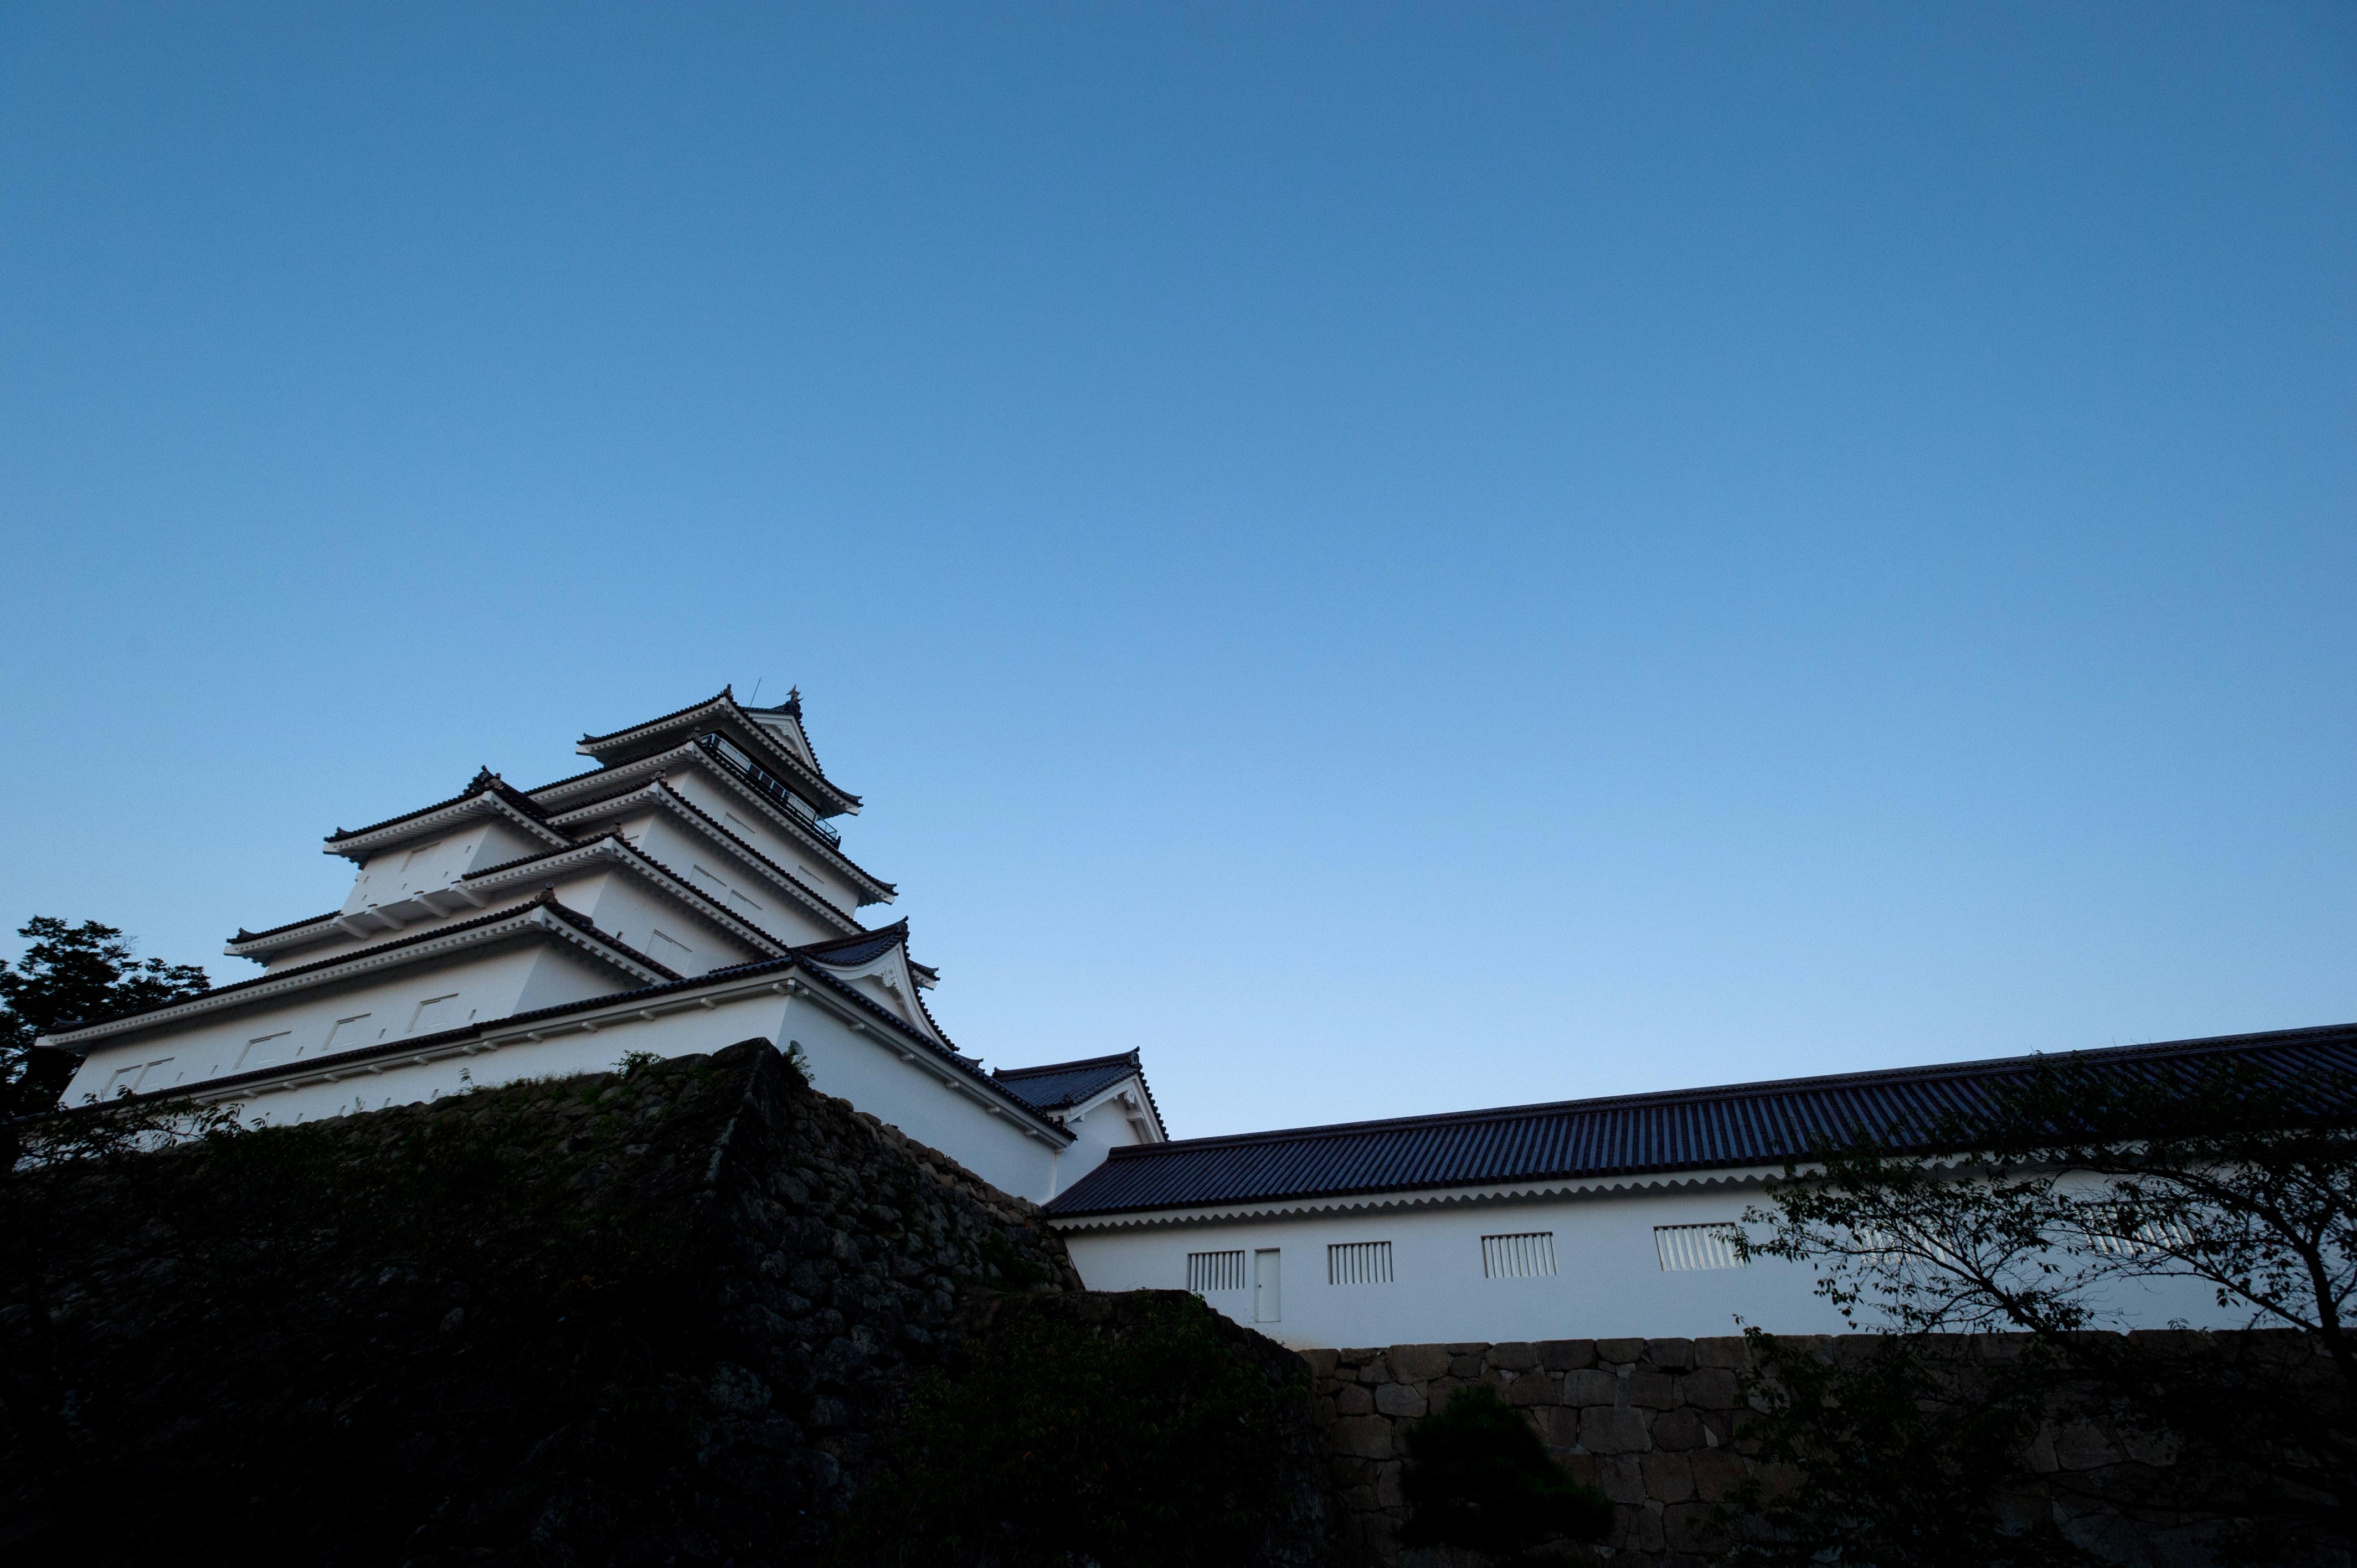 【古城見聞録】鶴ヶ城(福島県会津若松市)